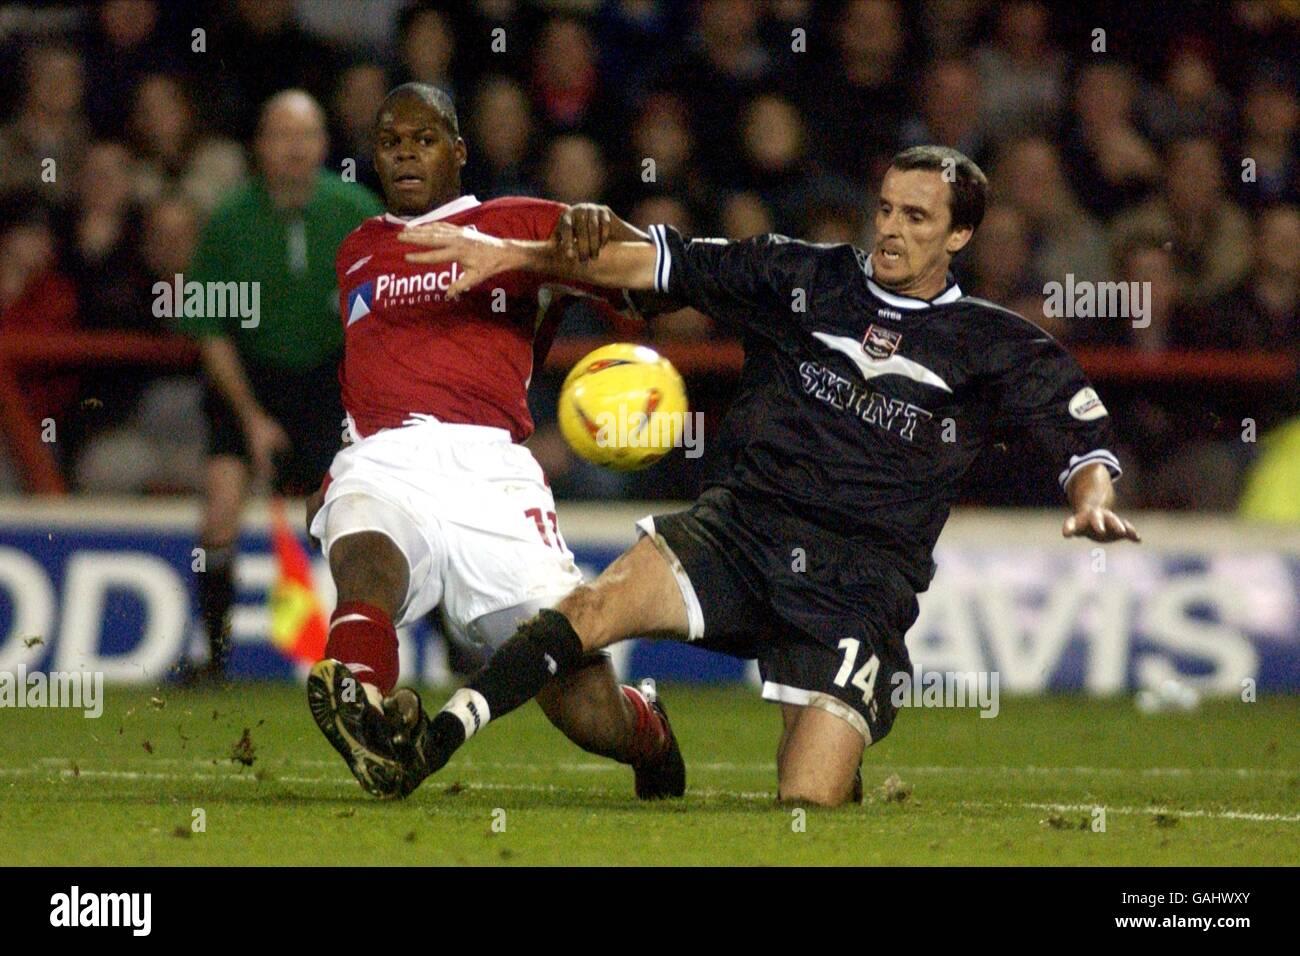 Soccer - Division de la Ligue nationale un - Nottingham Forest v Brighton et Hove Albion Banque D'Images